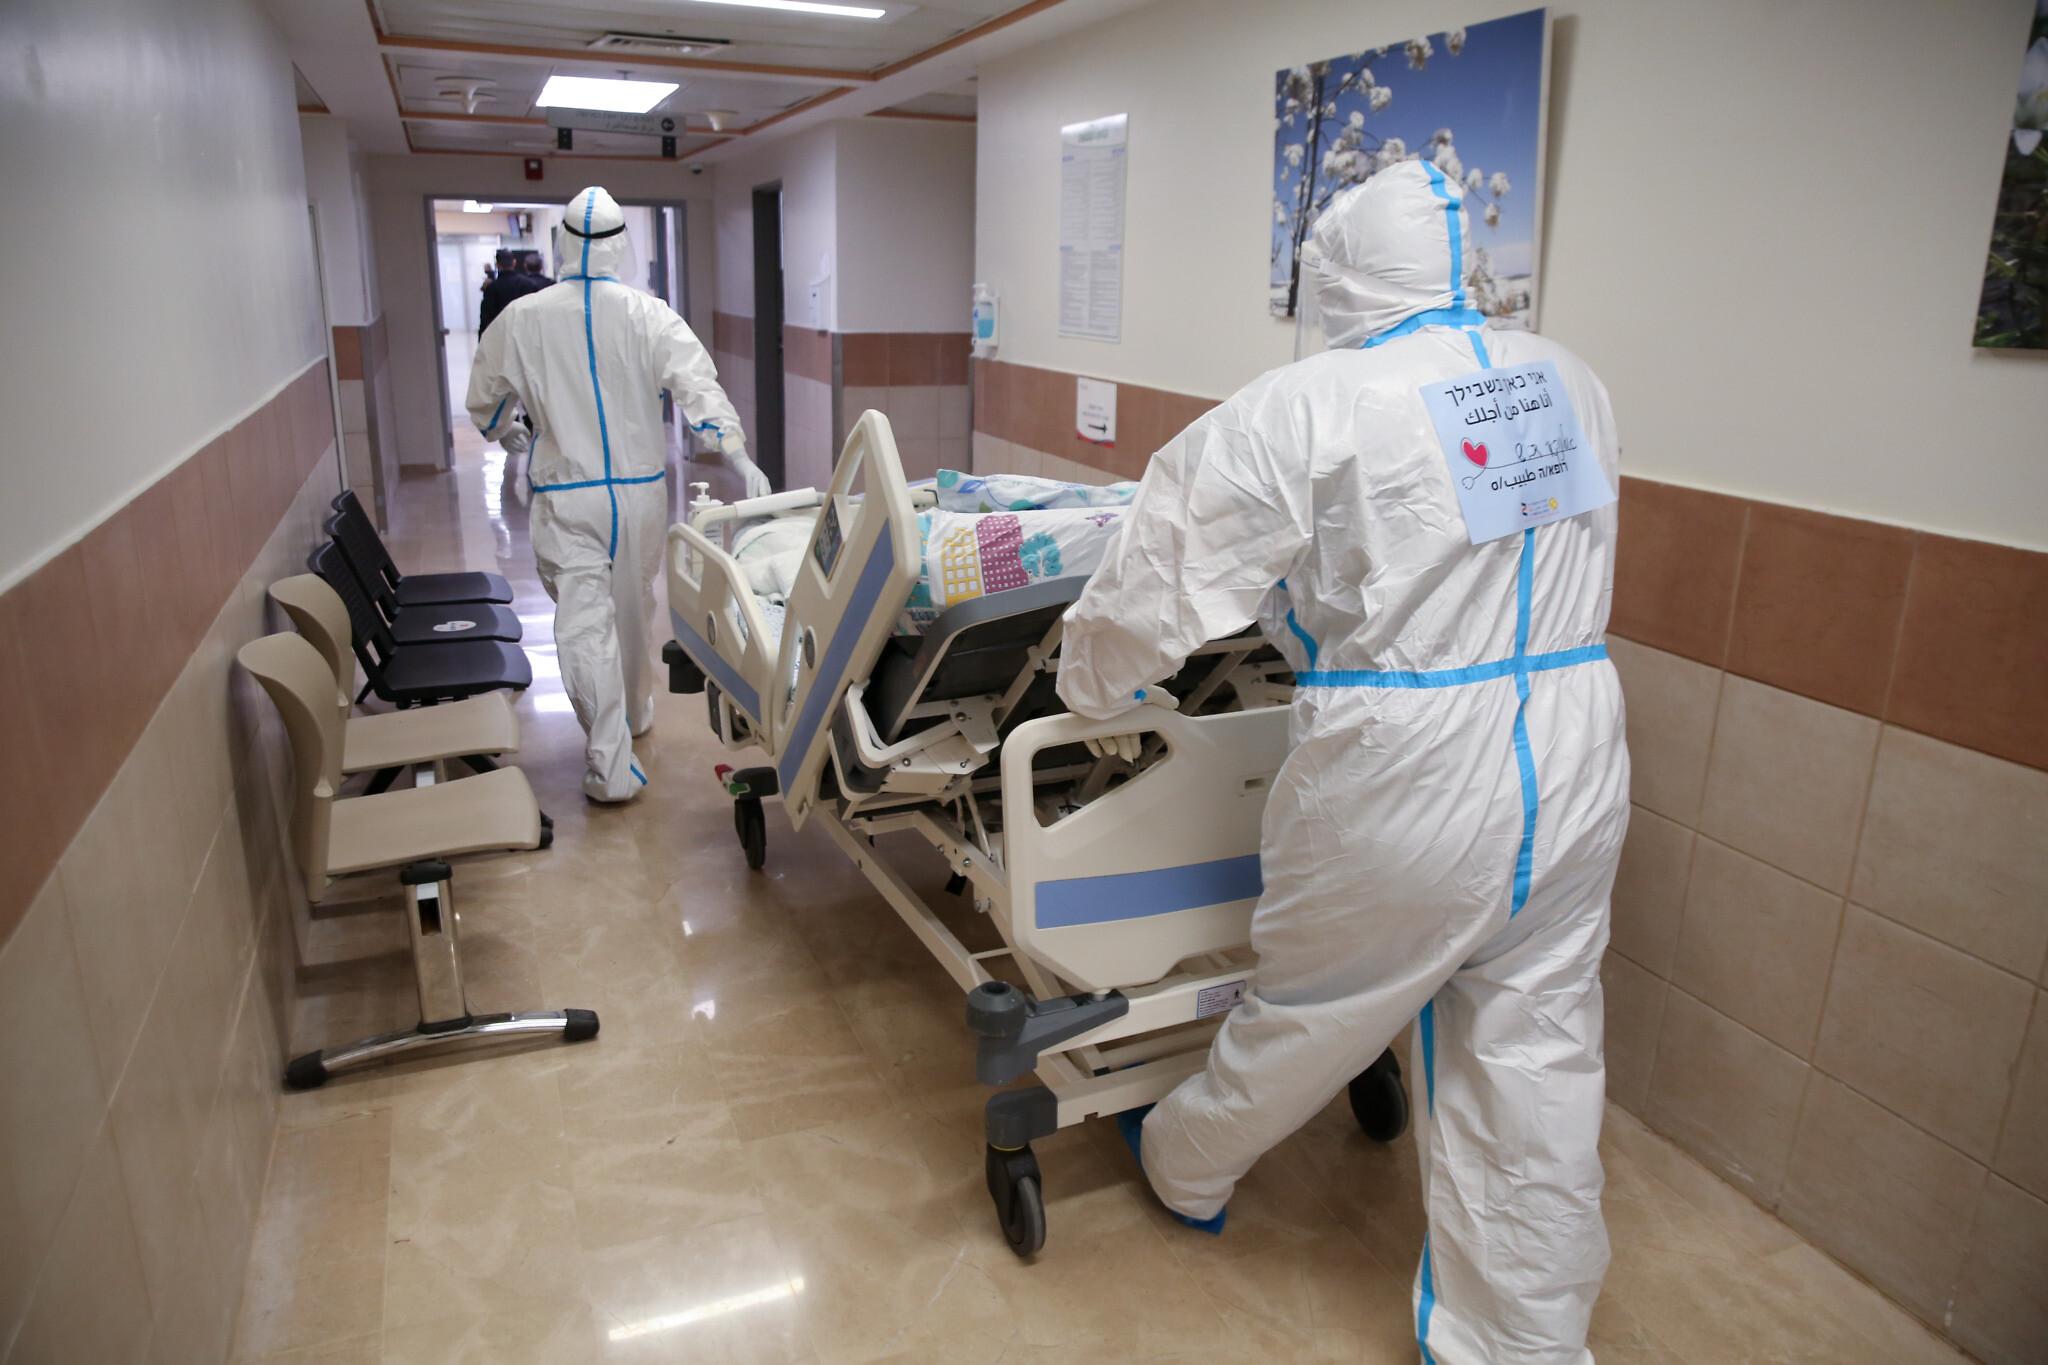 Változott a trend – már több hatvan évnél fiatalabb izraeli van kórházban, mint idősebb